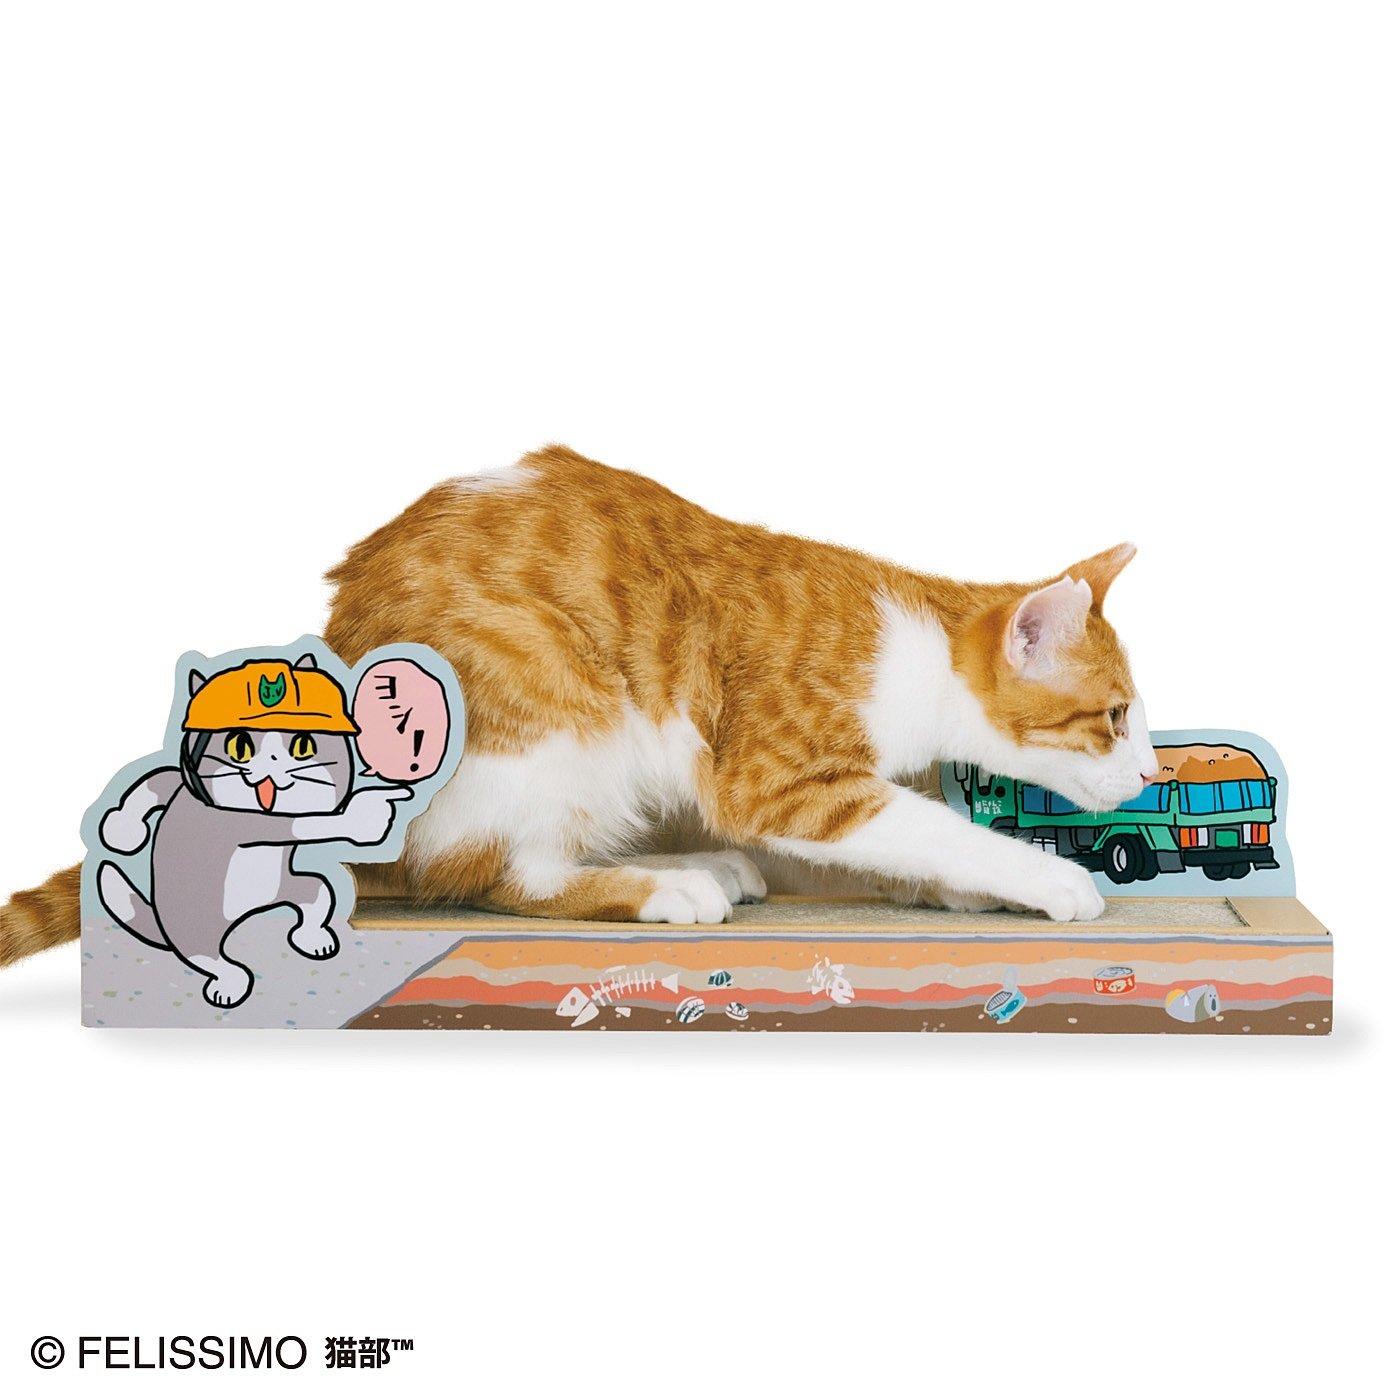 くまみねさんとコラボ 仕事猫の工事現場つめとぎの会